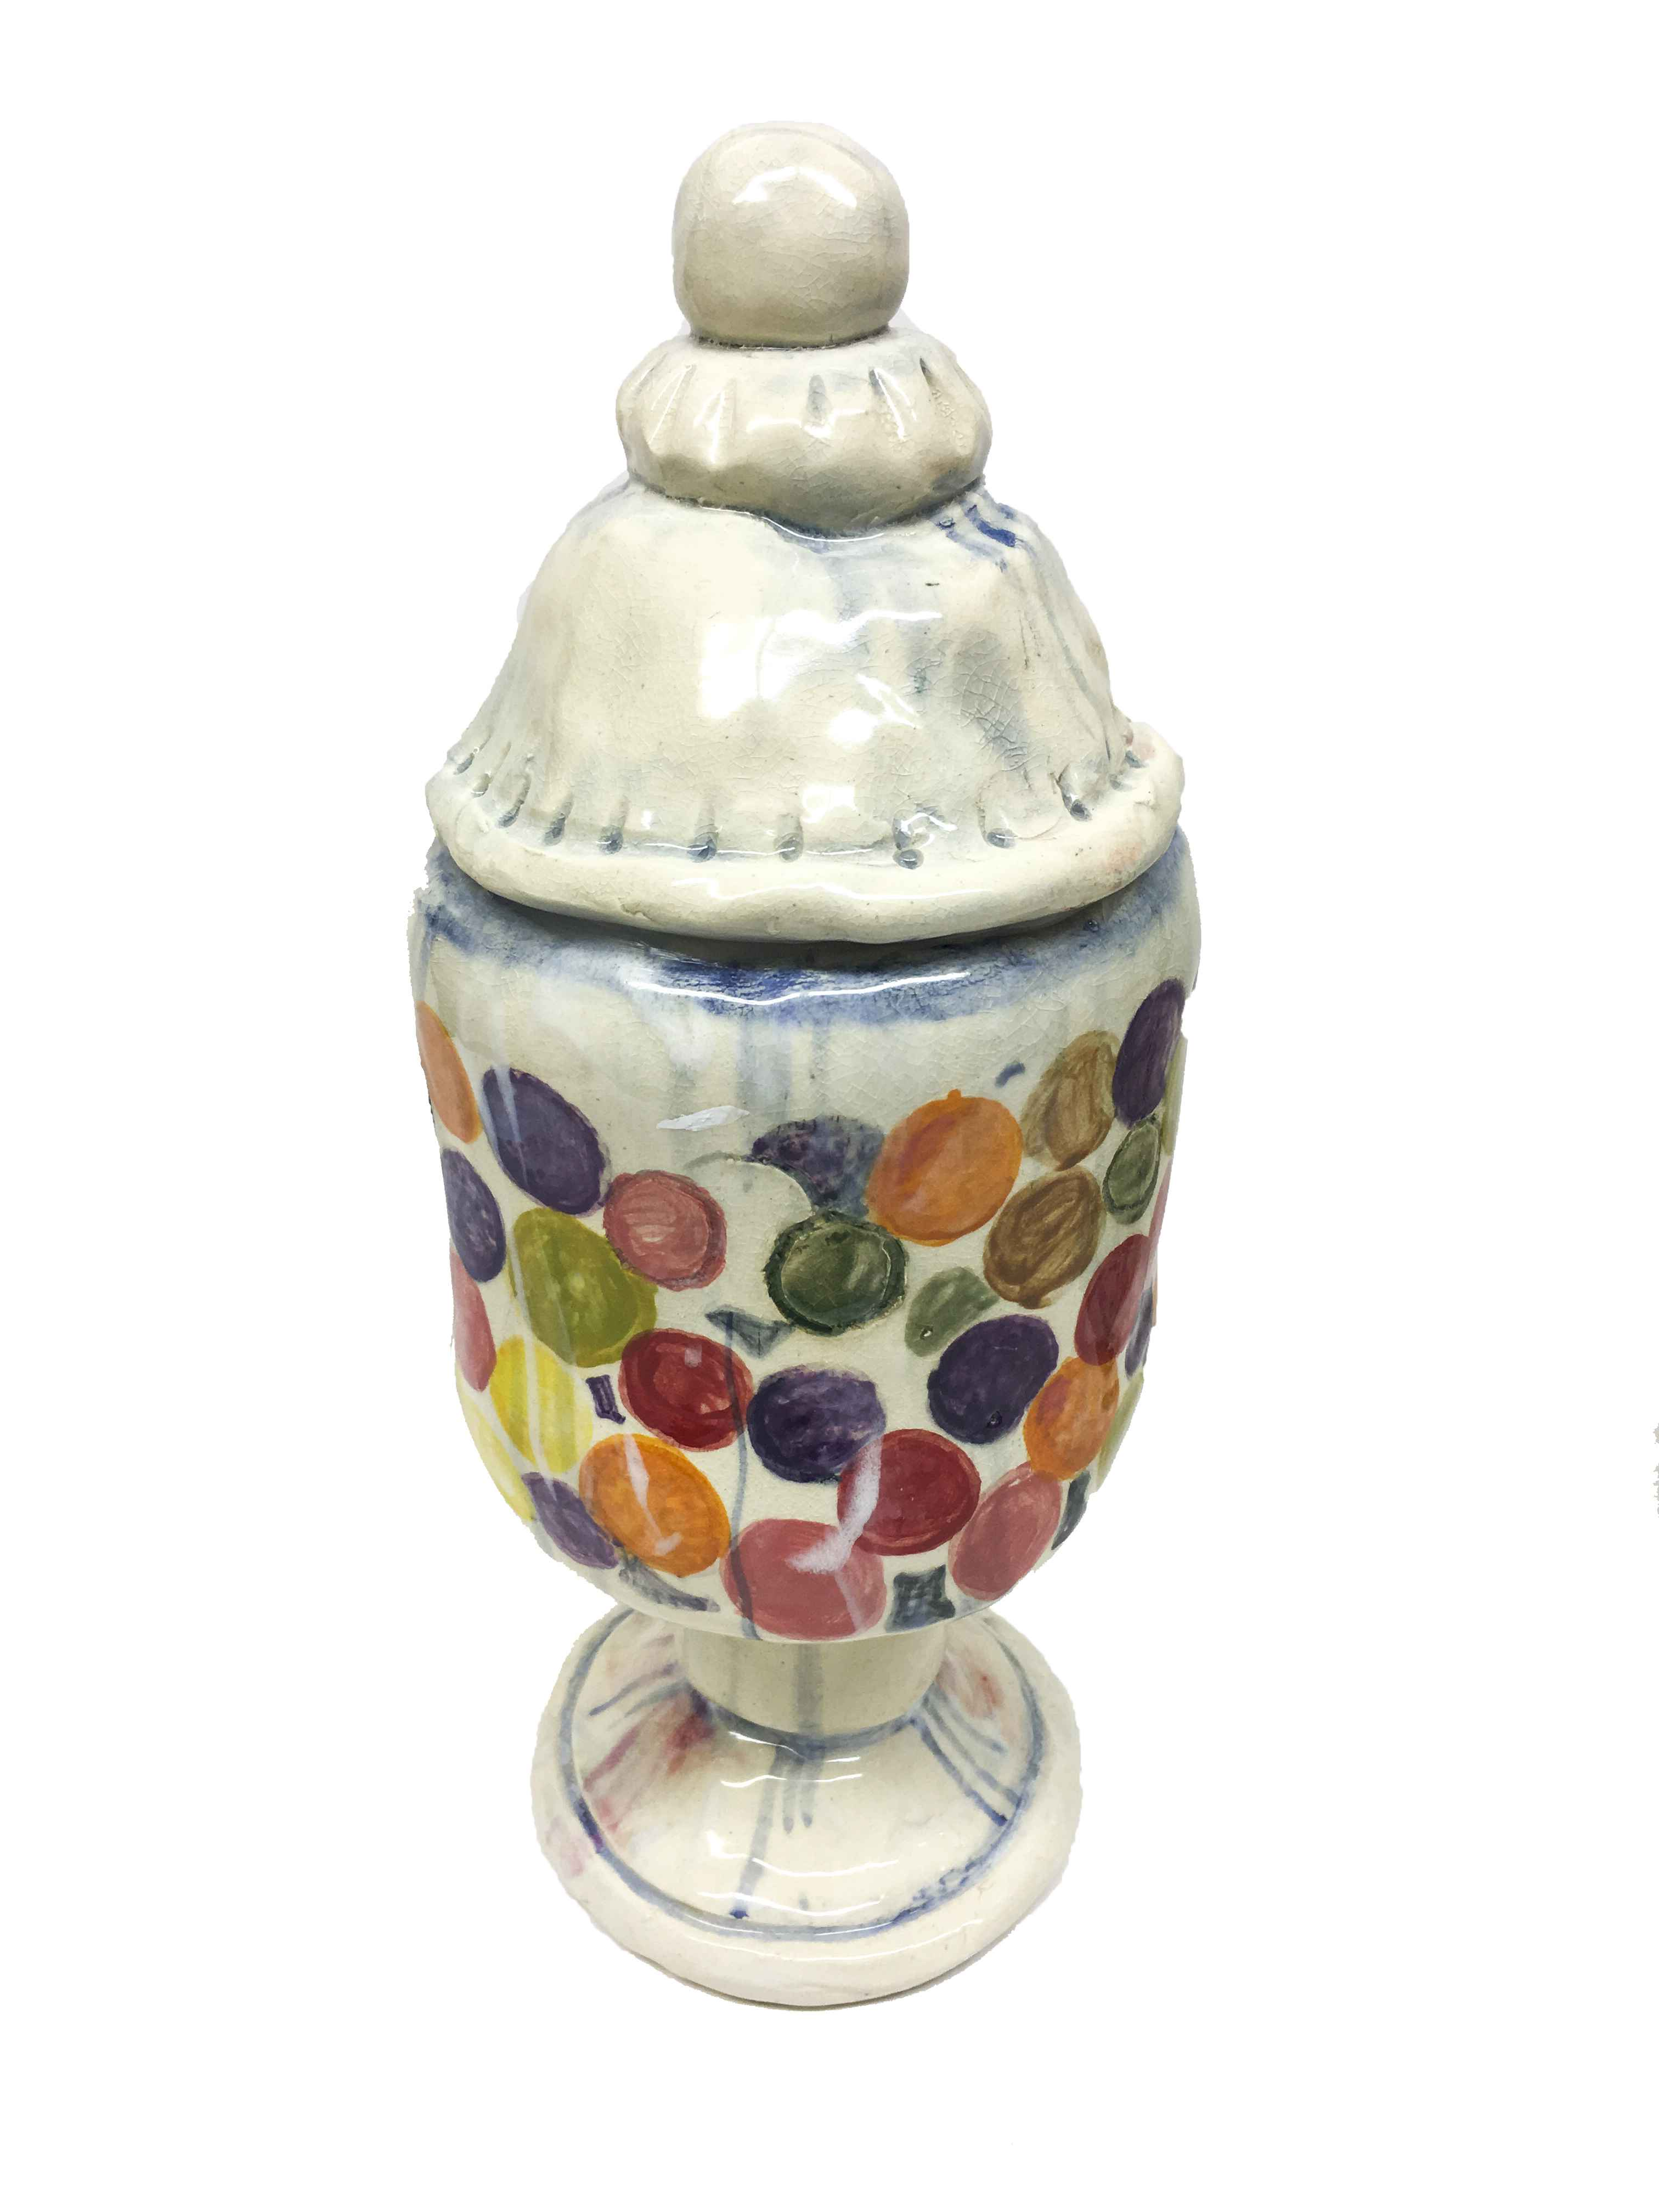 Jar Of Gumballs by  Jeff Nebeker - Masterpiece Online